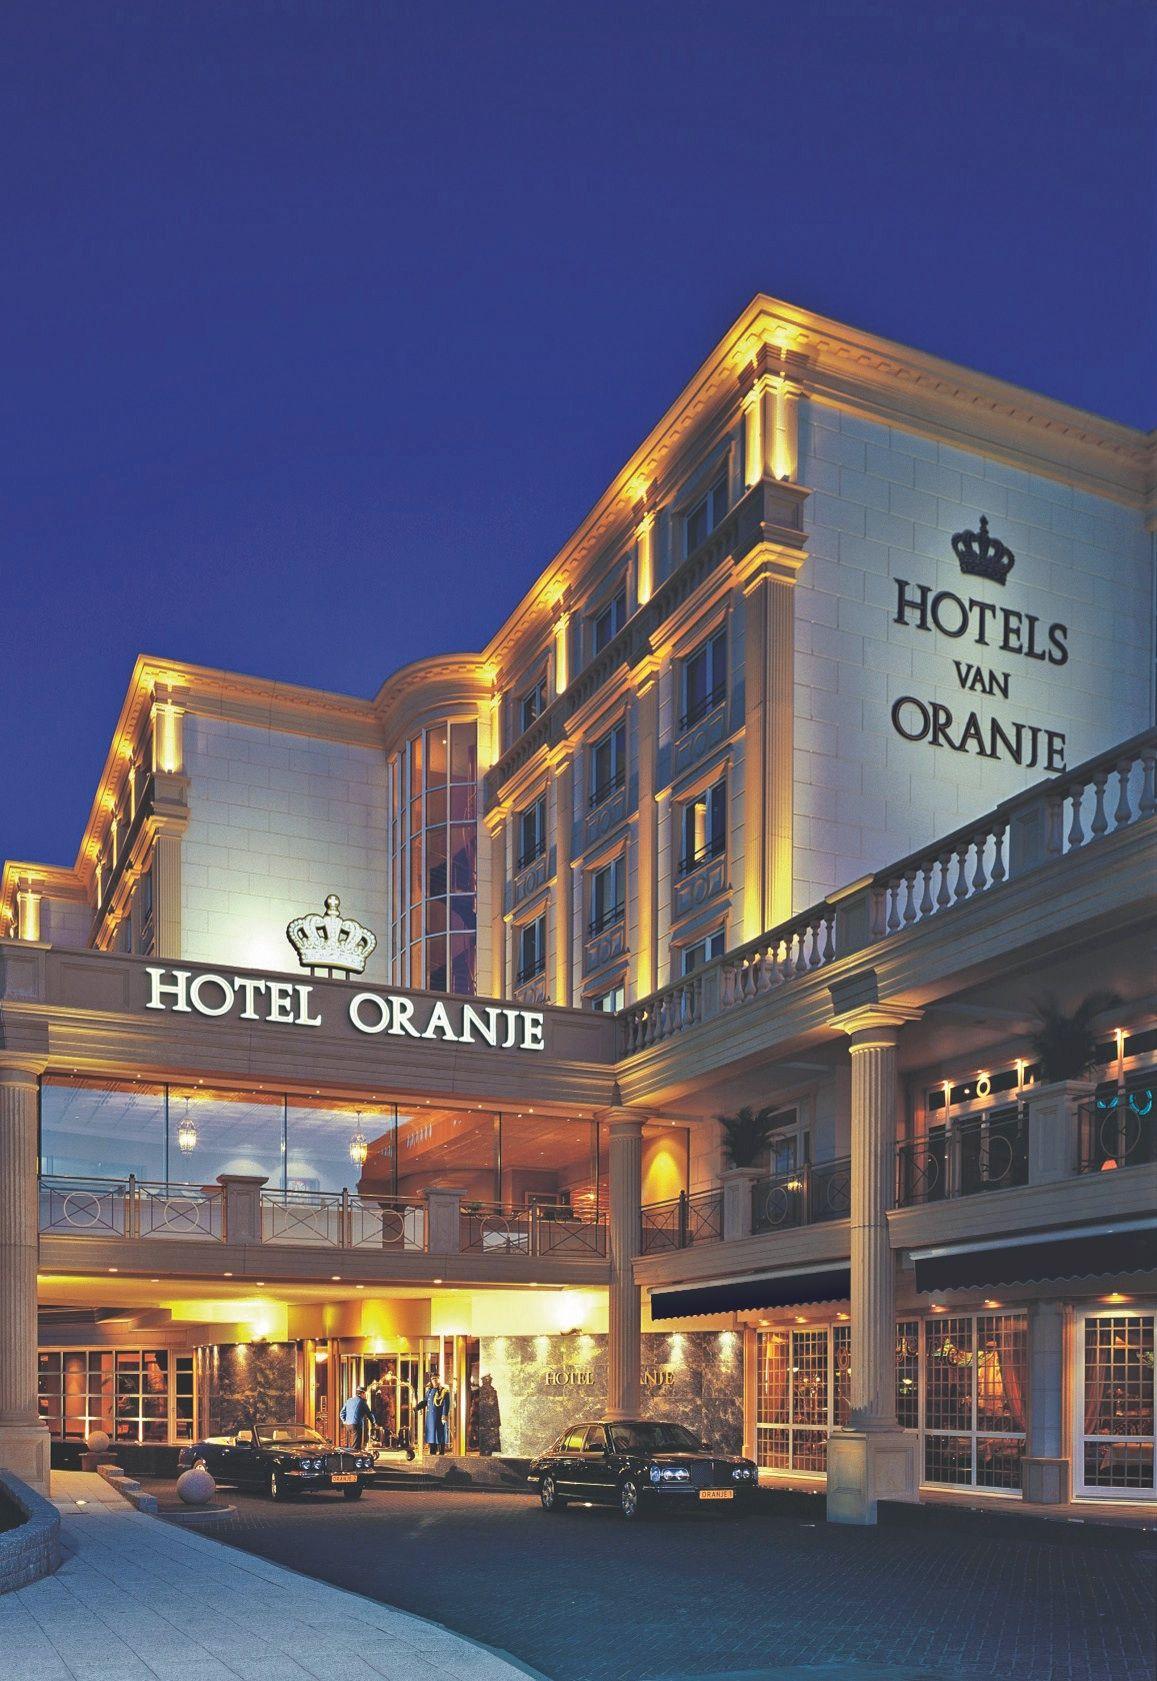 Noordwijk Aan Zee Netherlands  city images : Hotels van Oranje, Noordwijk aan Zee | The Netherlands | Pinterest